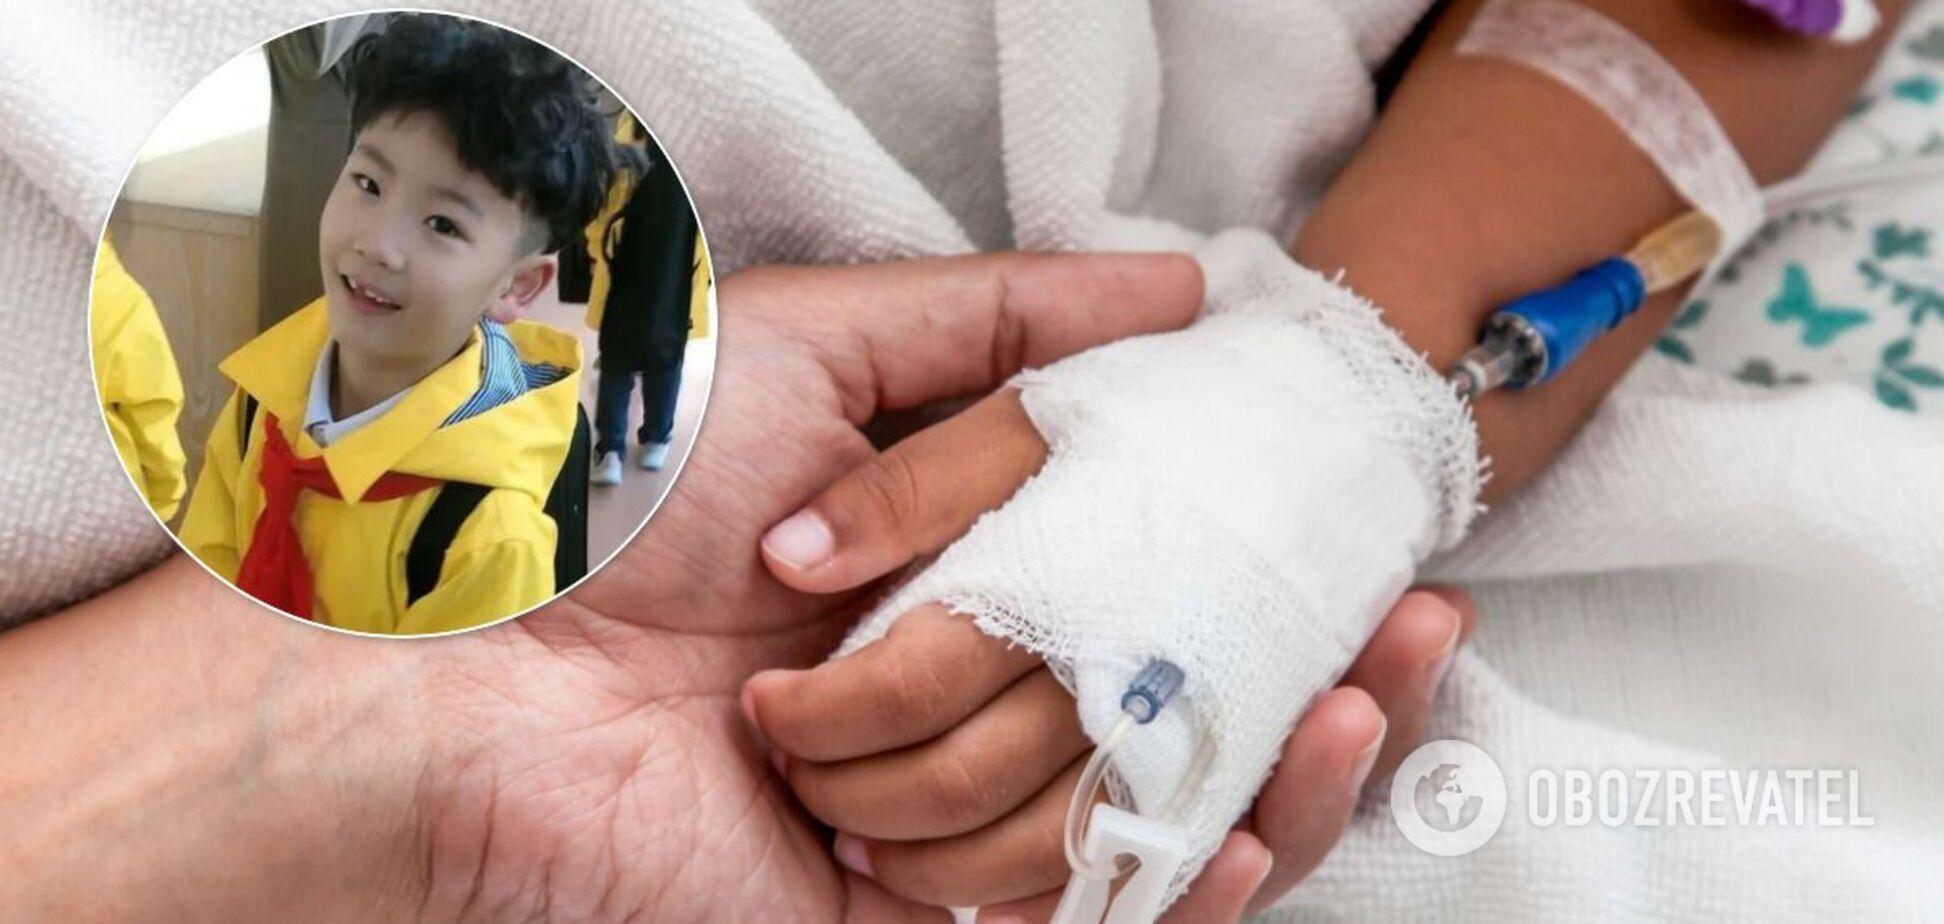 В Китае погибший в ДТП 7-летний мальчик стал донором для шести детей. Щемящая история